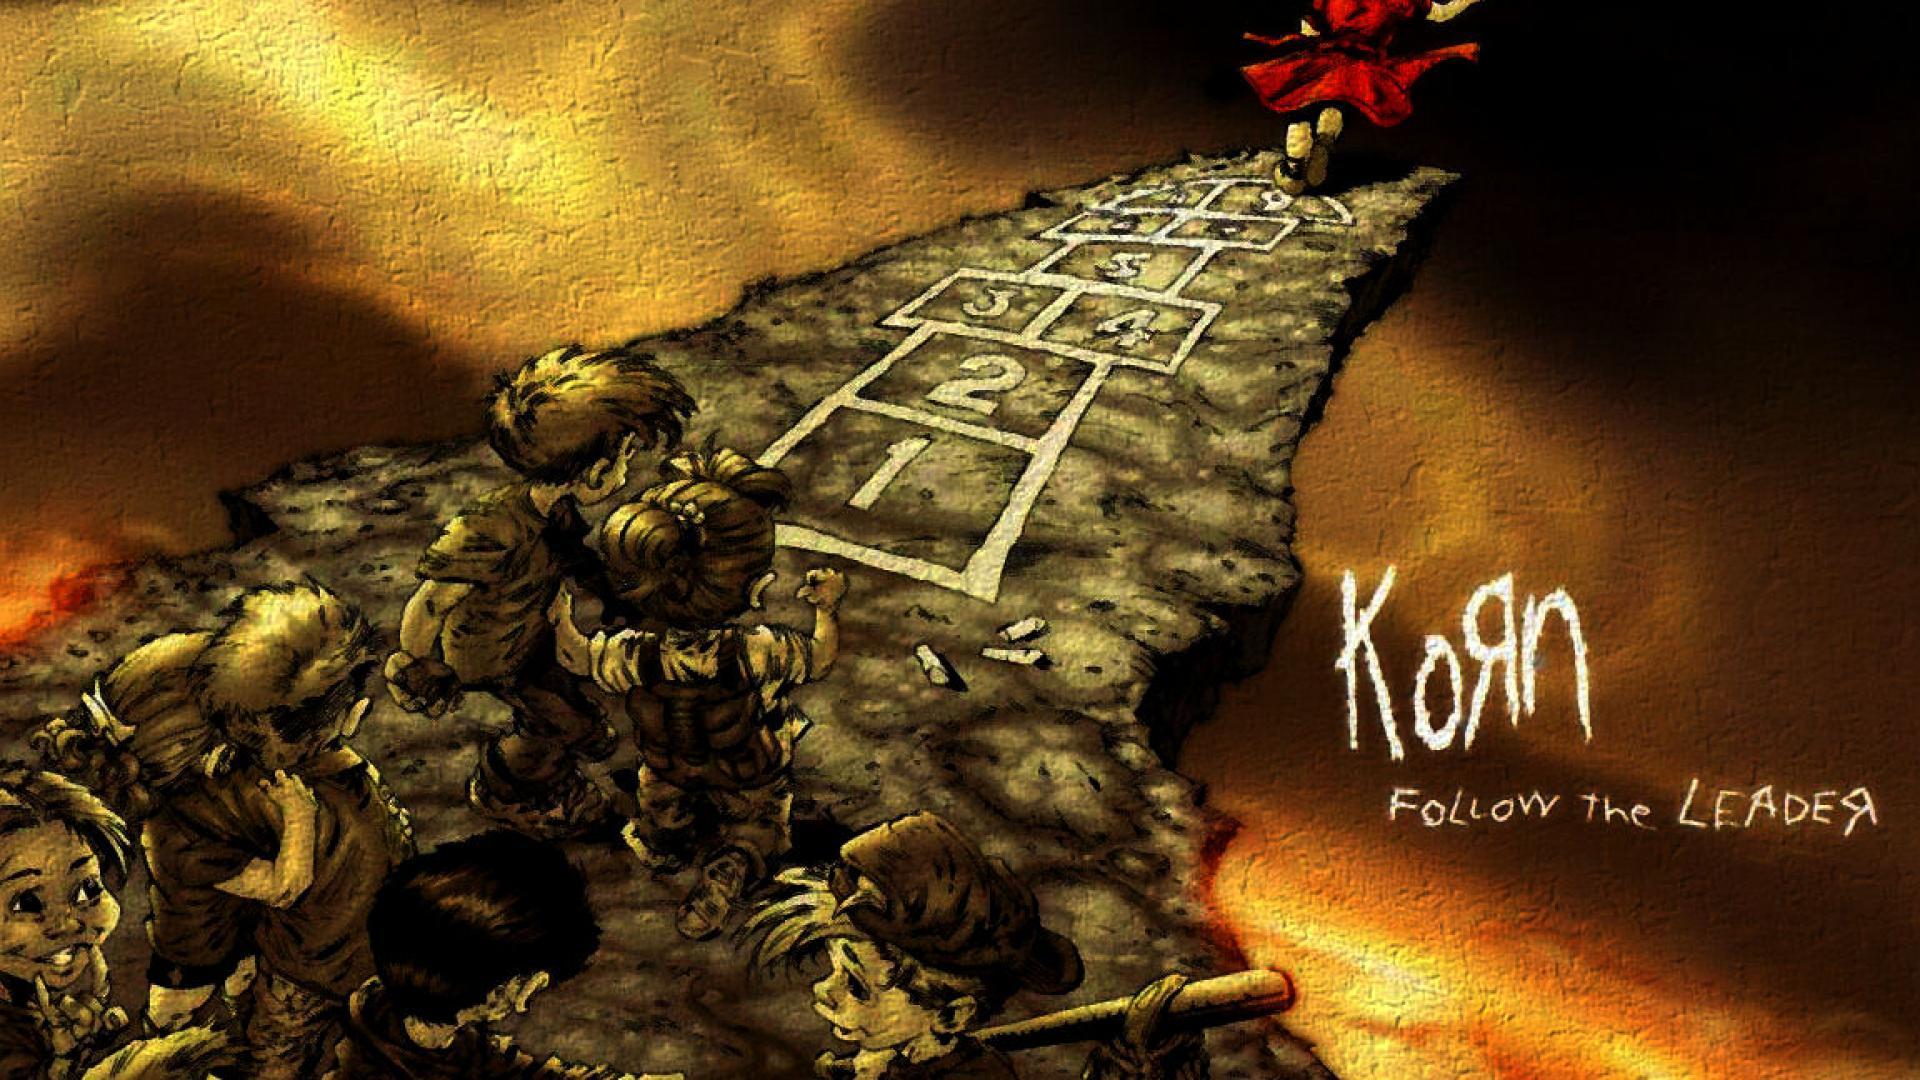 Korn Hd Wallpaper Wallpapersafari